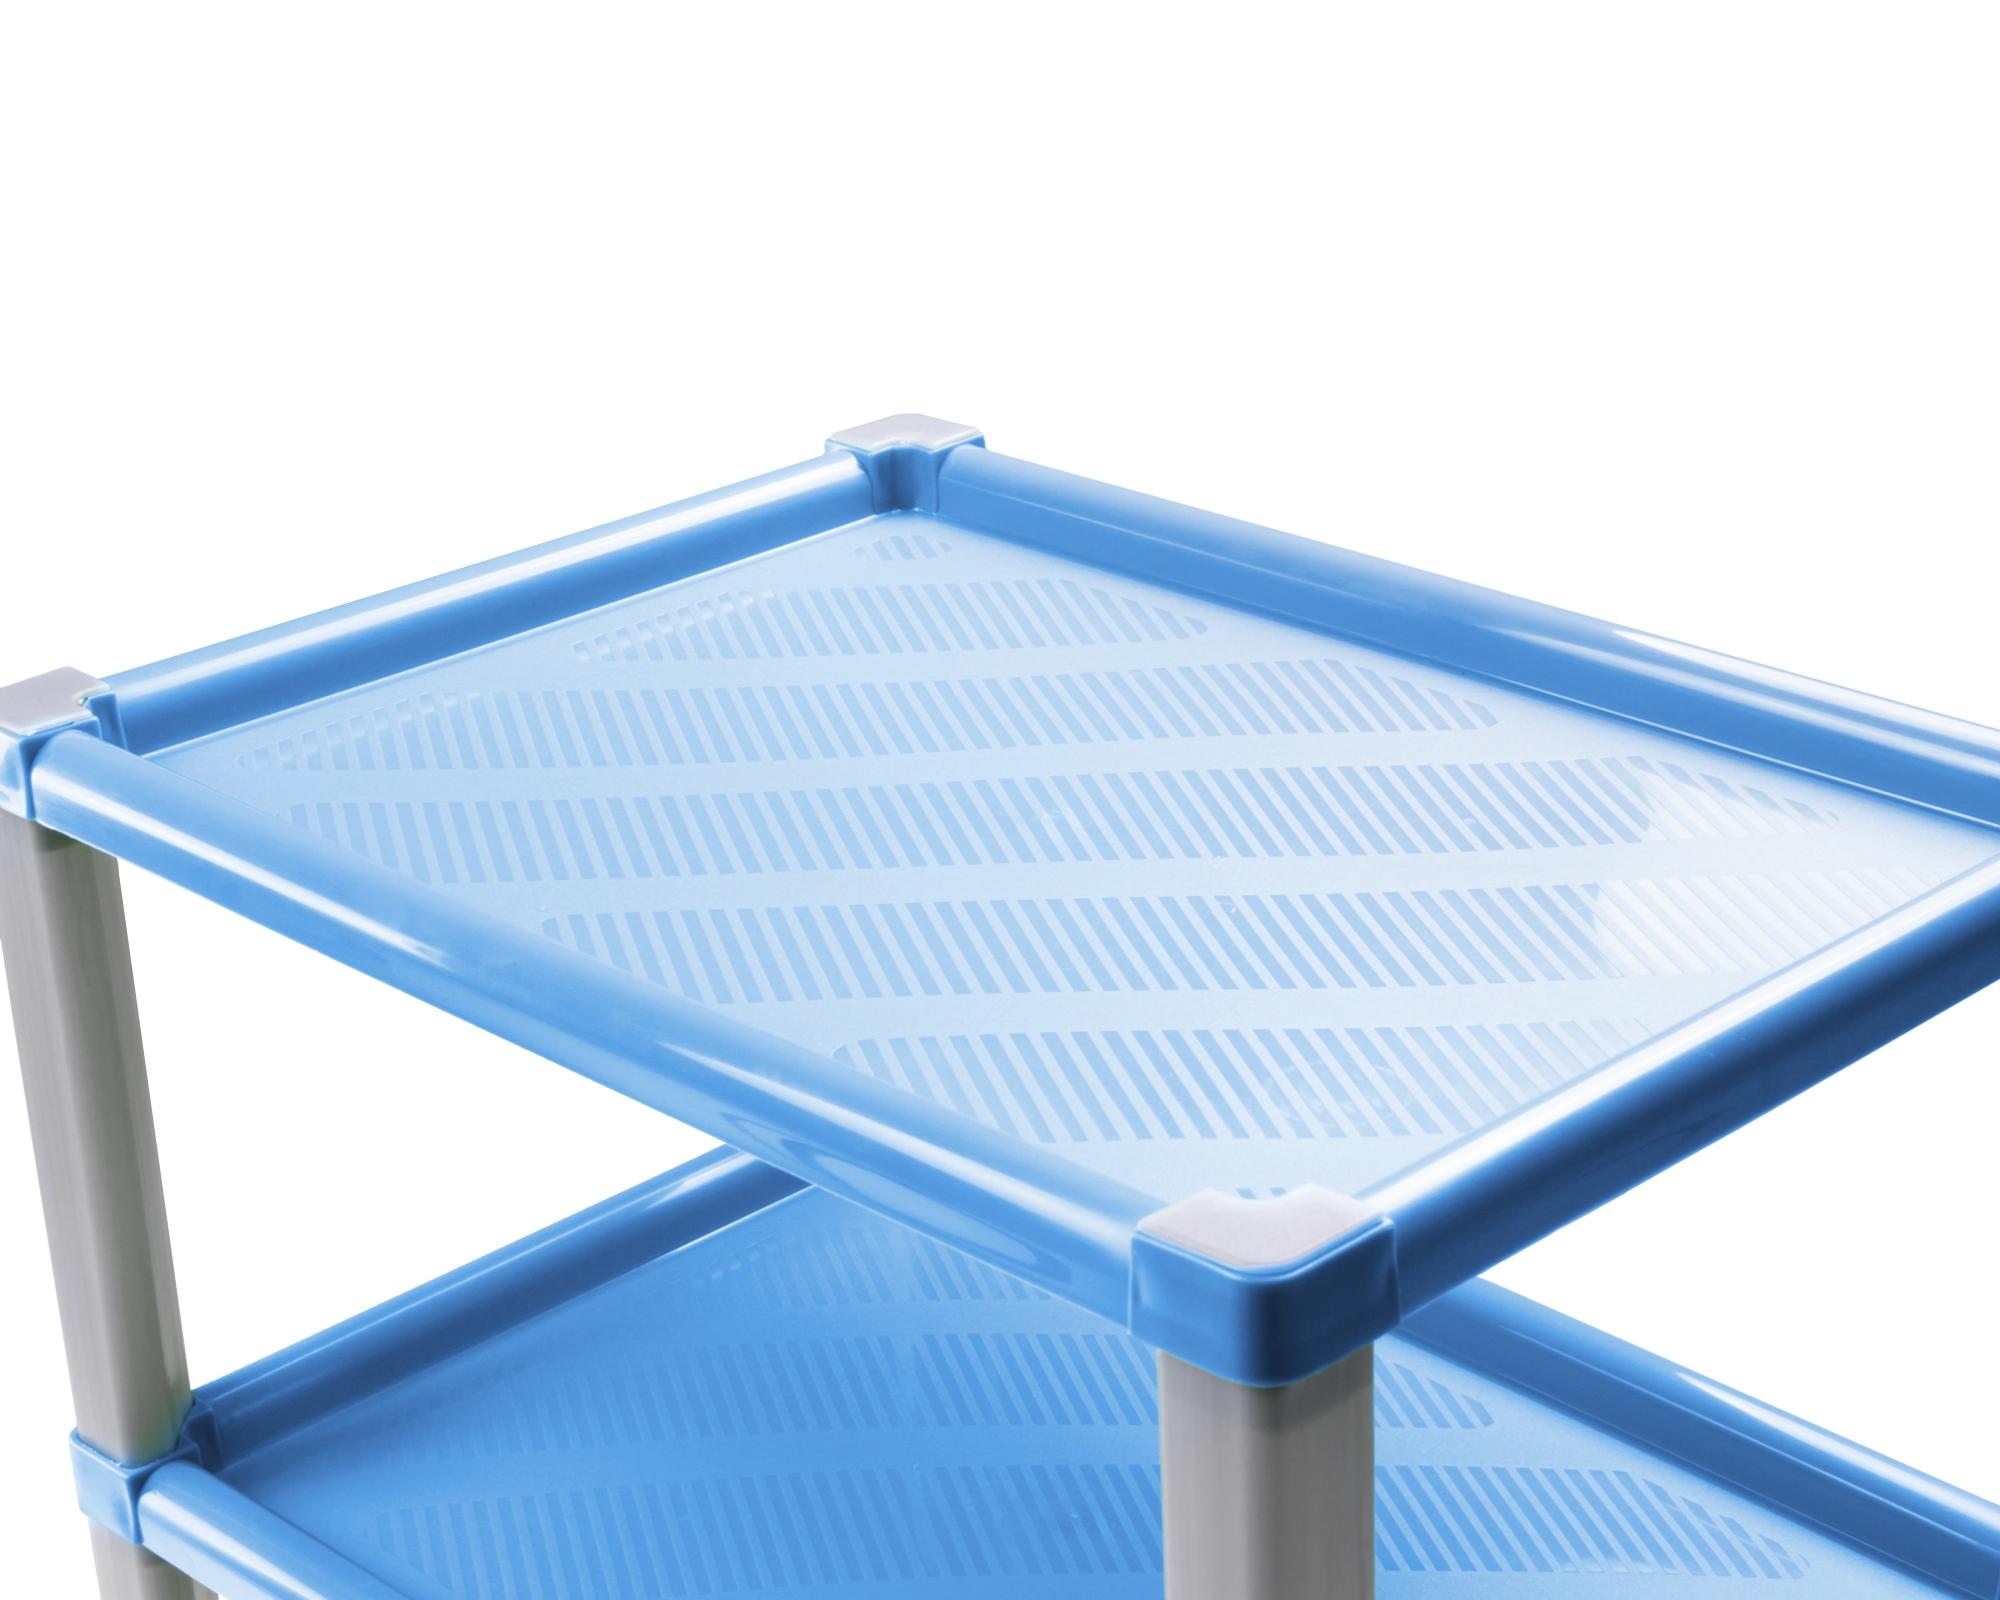 ondis24 regal kunststoff badregal scaf blau g nstig online kaufen. Black Bedroom Furniture Sets. Home Design Ideas